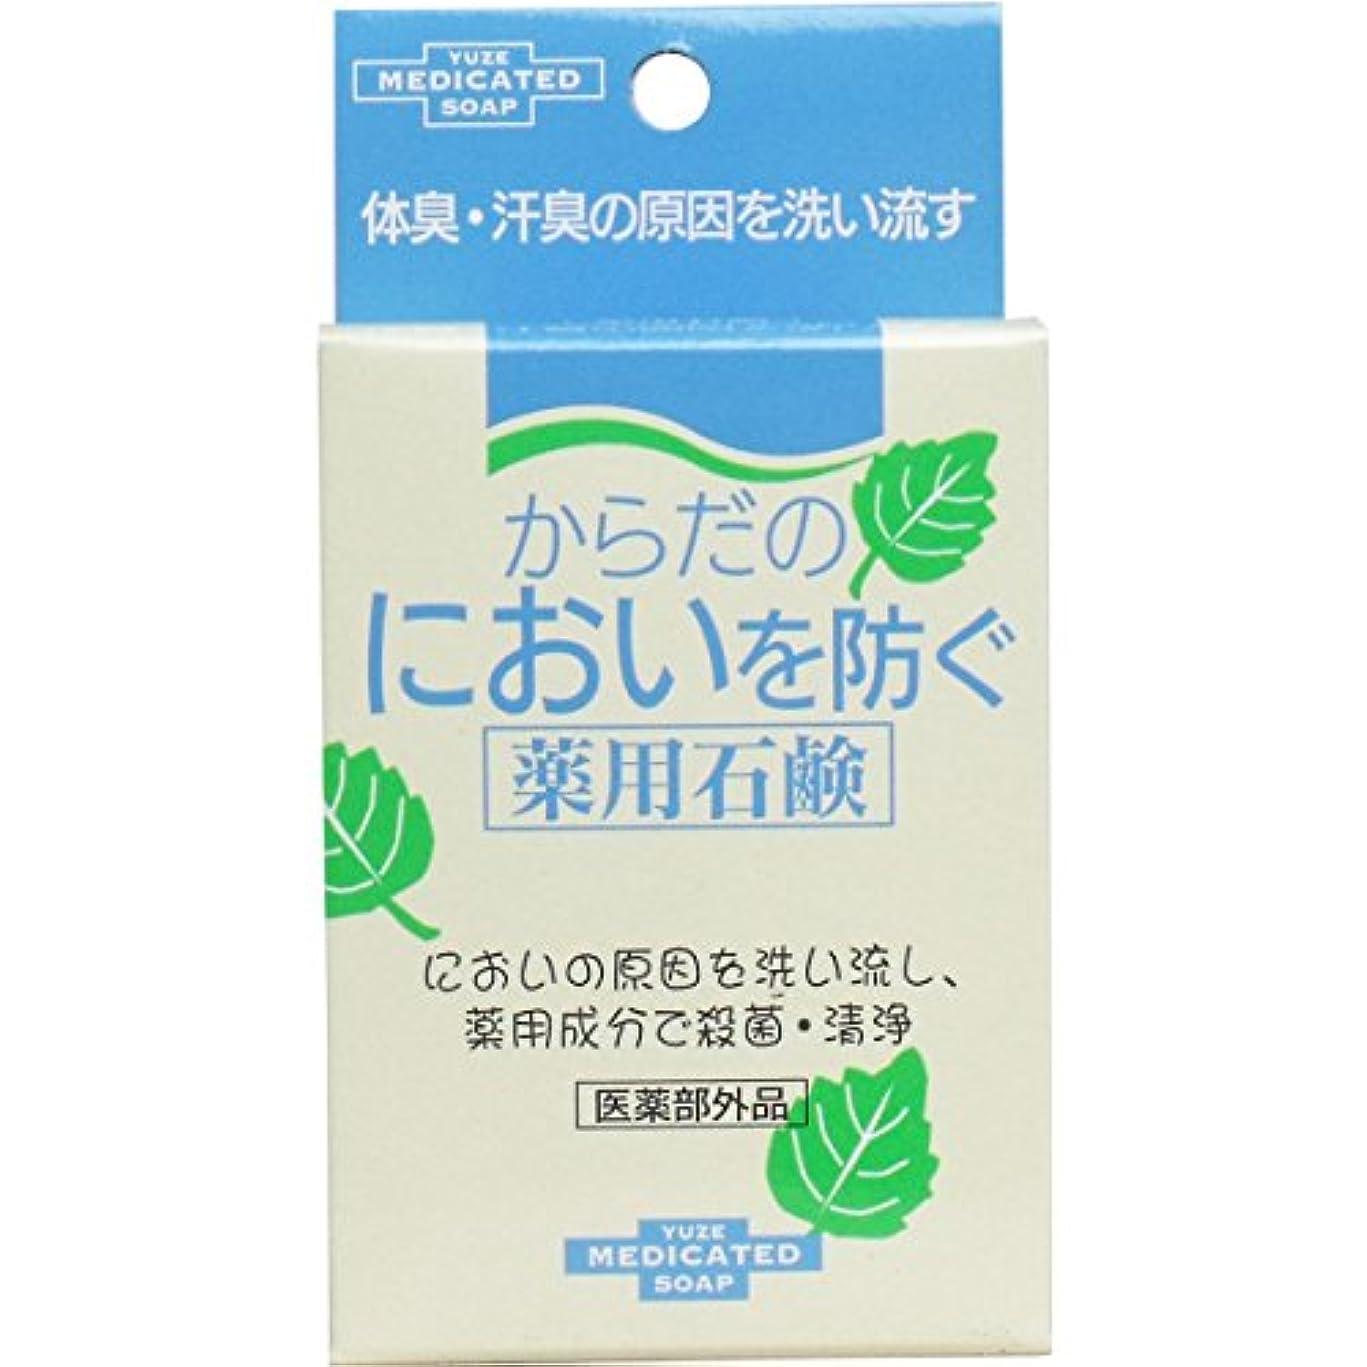 救出免疫する吹きさらしからだのにおいを防ぐ薬用石鹸 110g